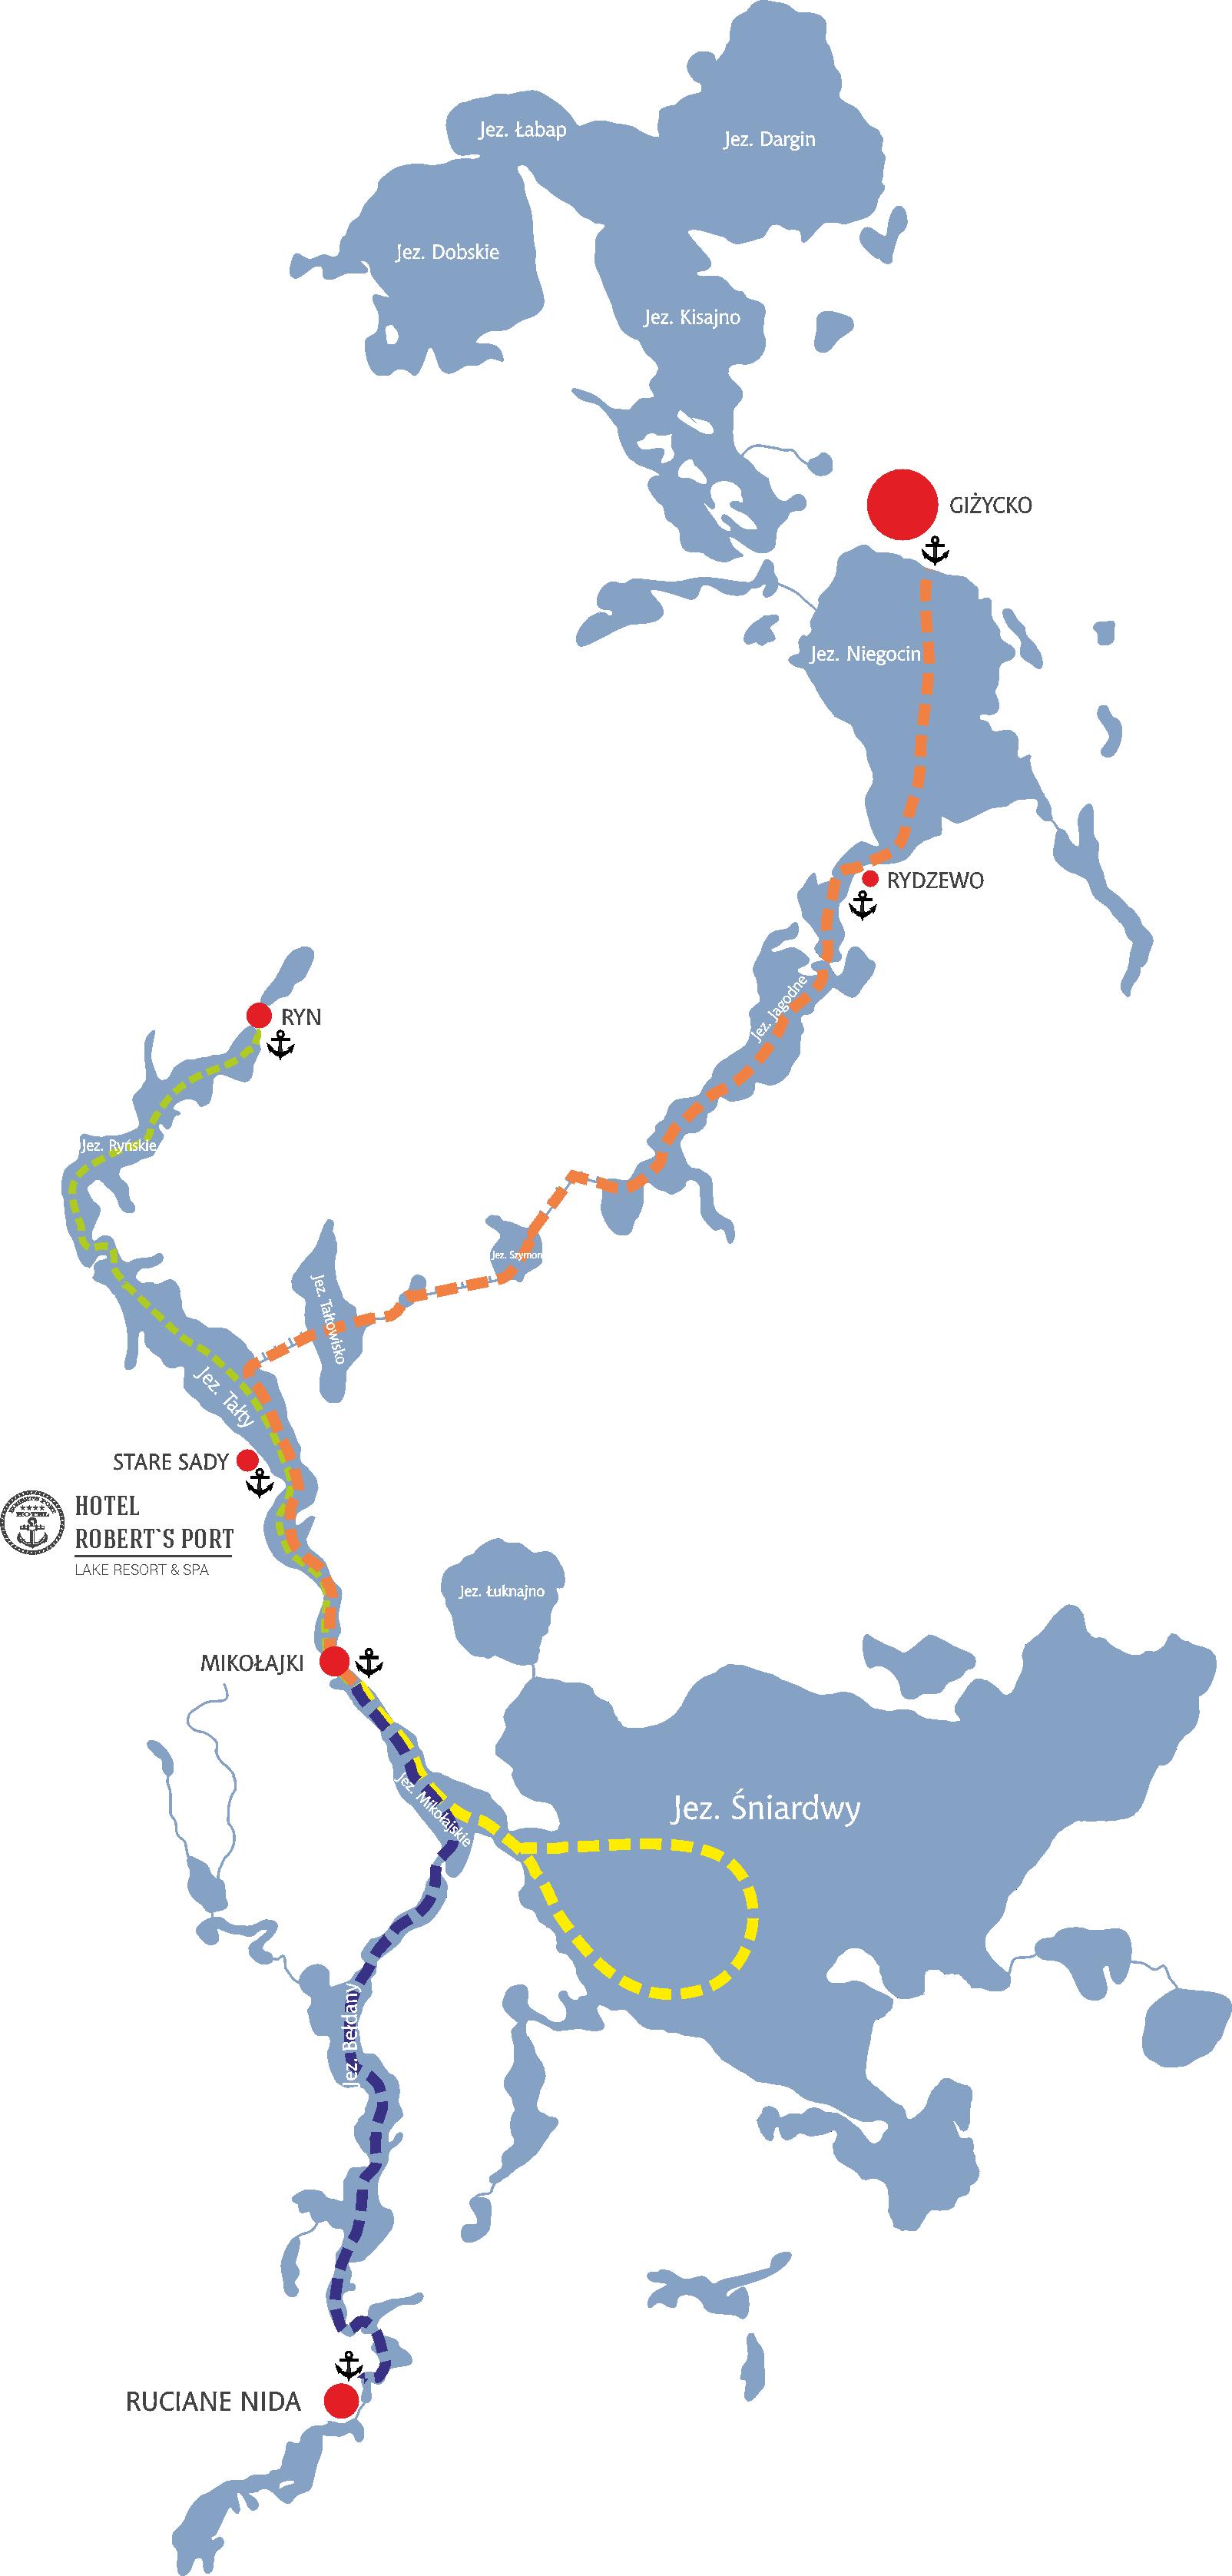 mapa z trasami rejsów